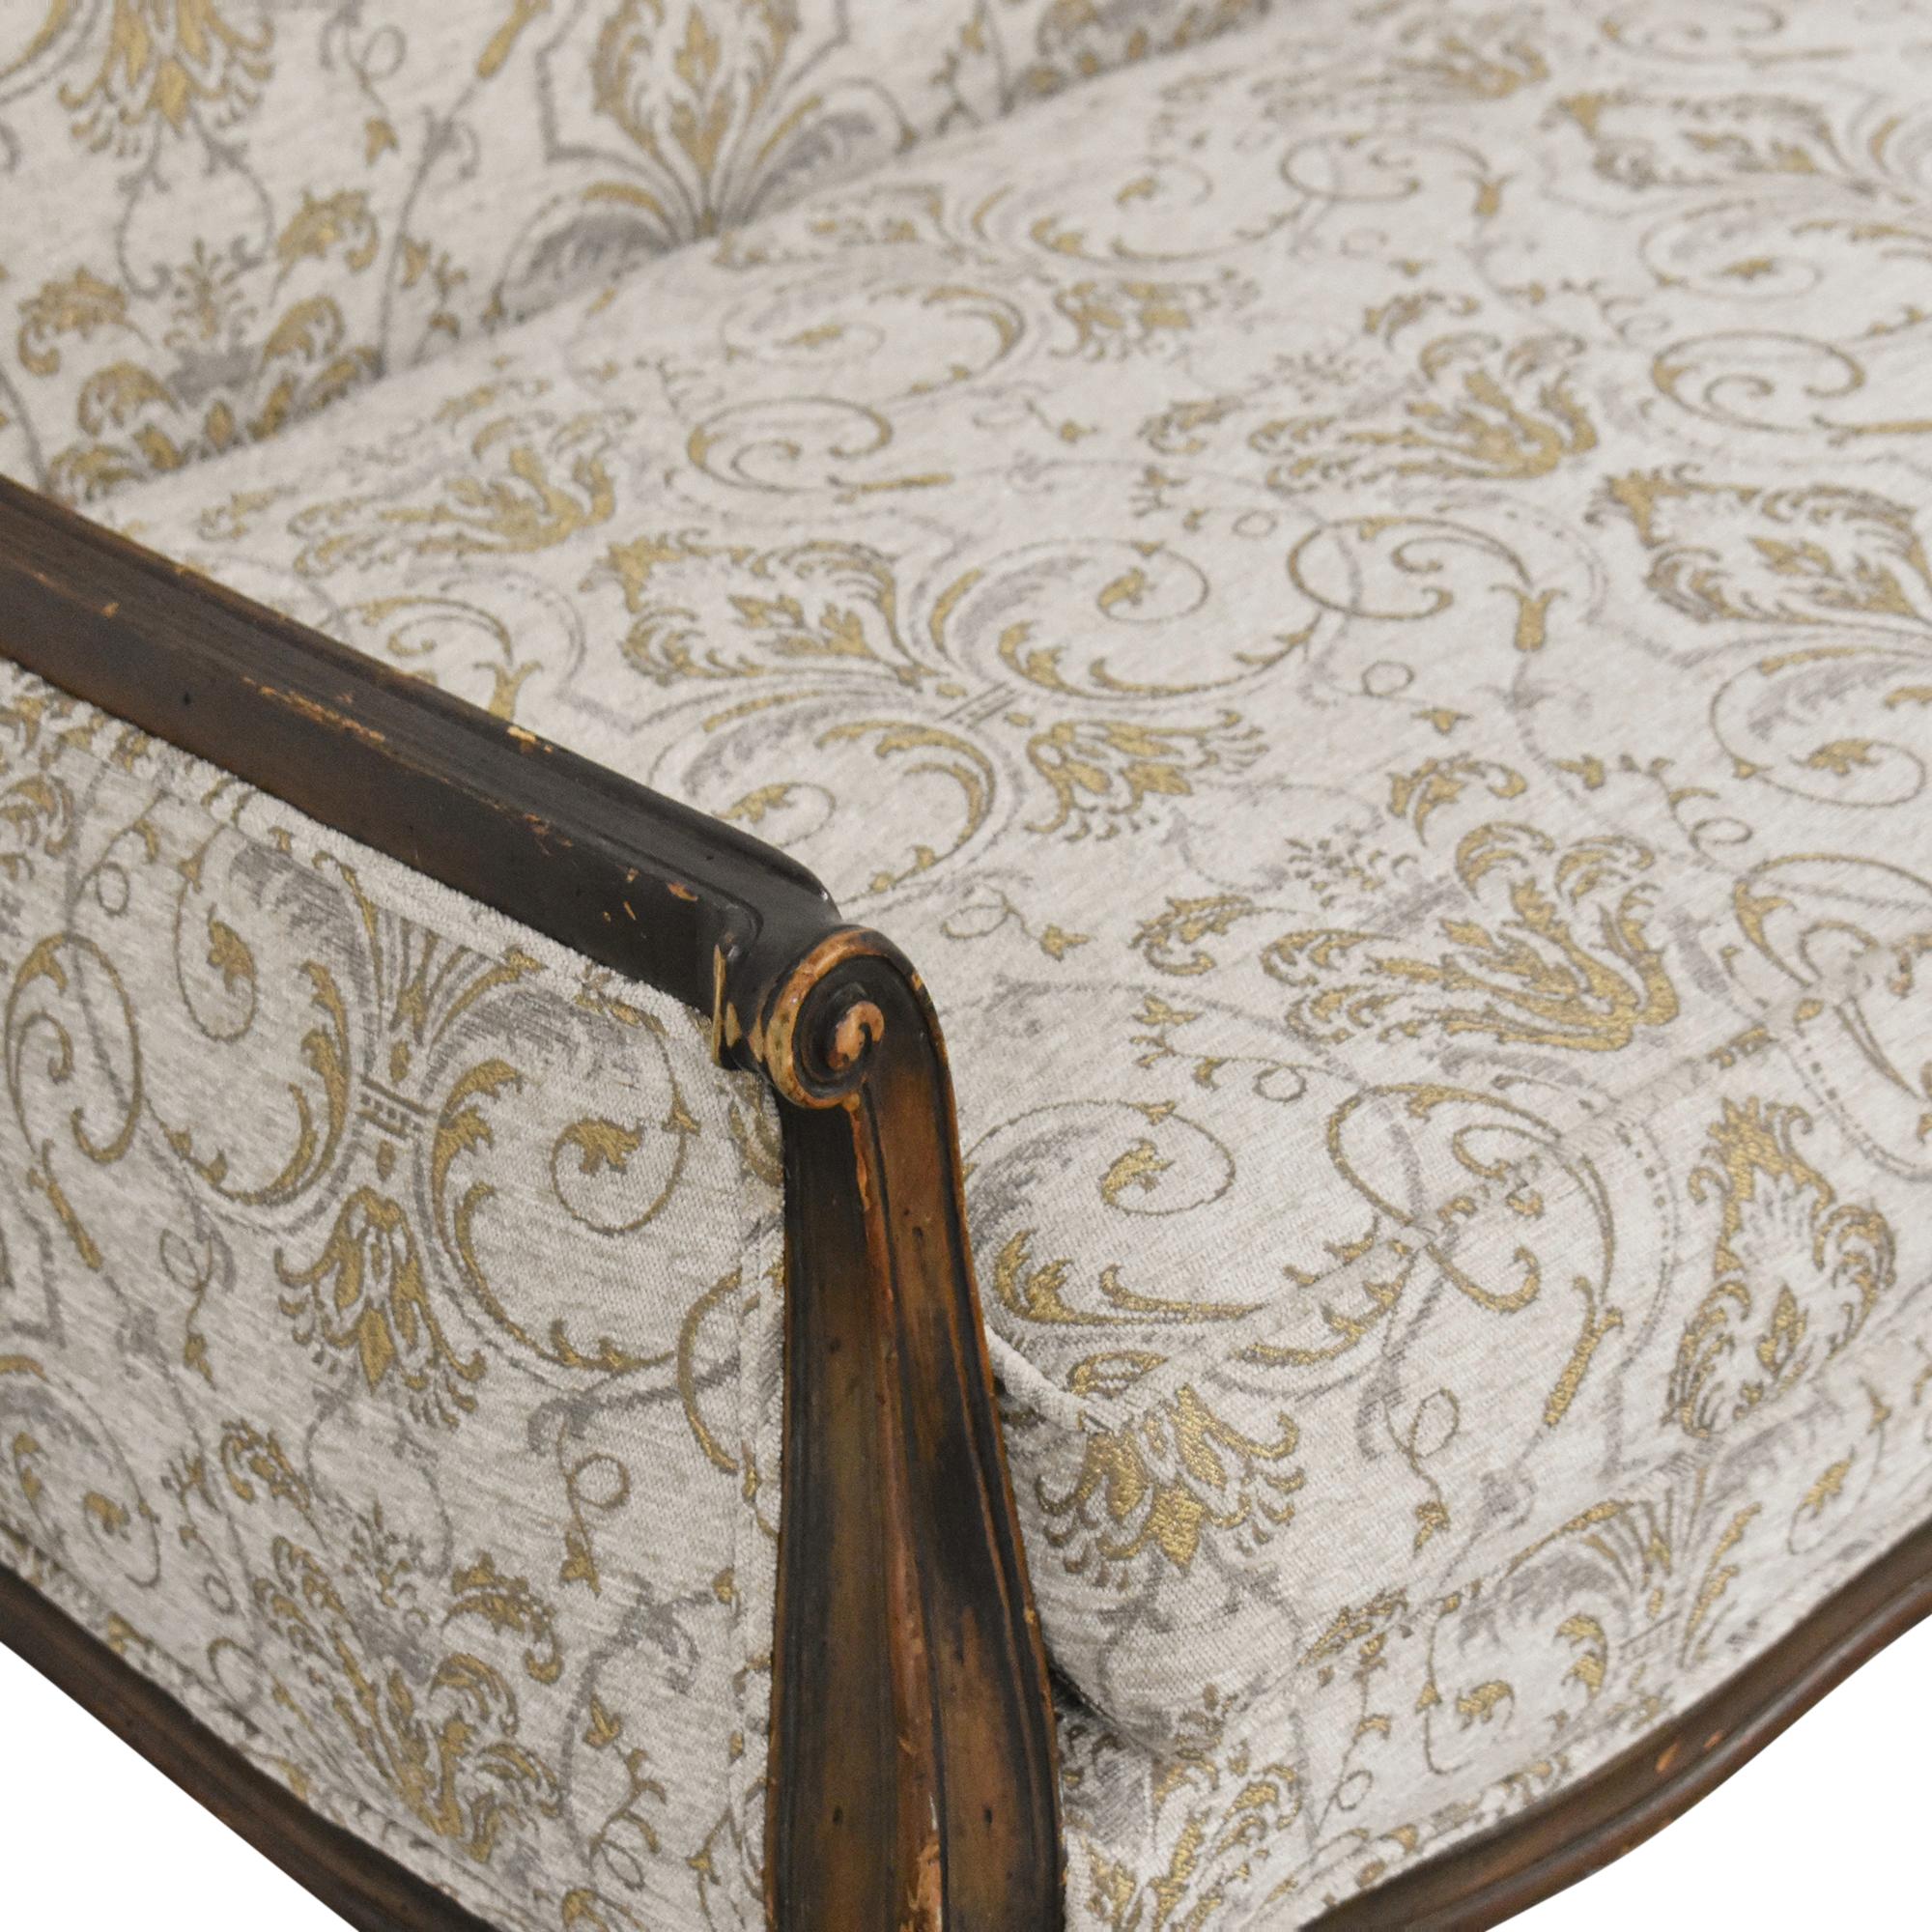 Bassett Furniture Bassett Furniture French-Style Settee